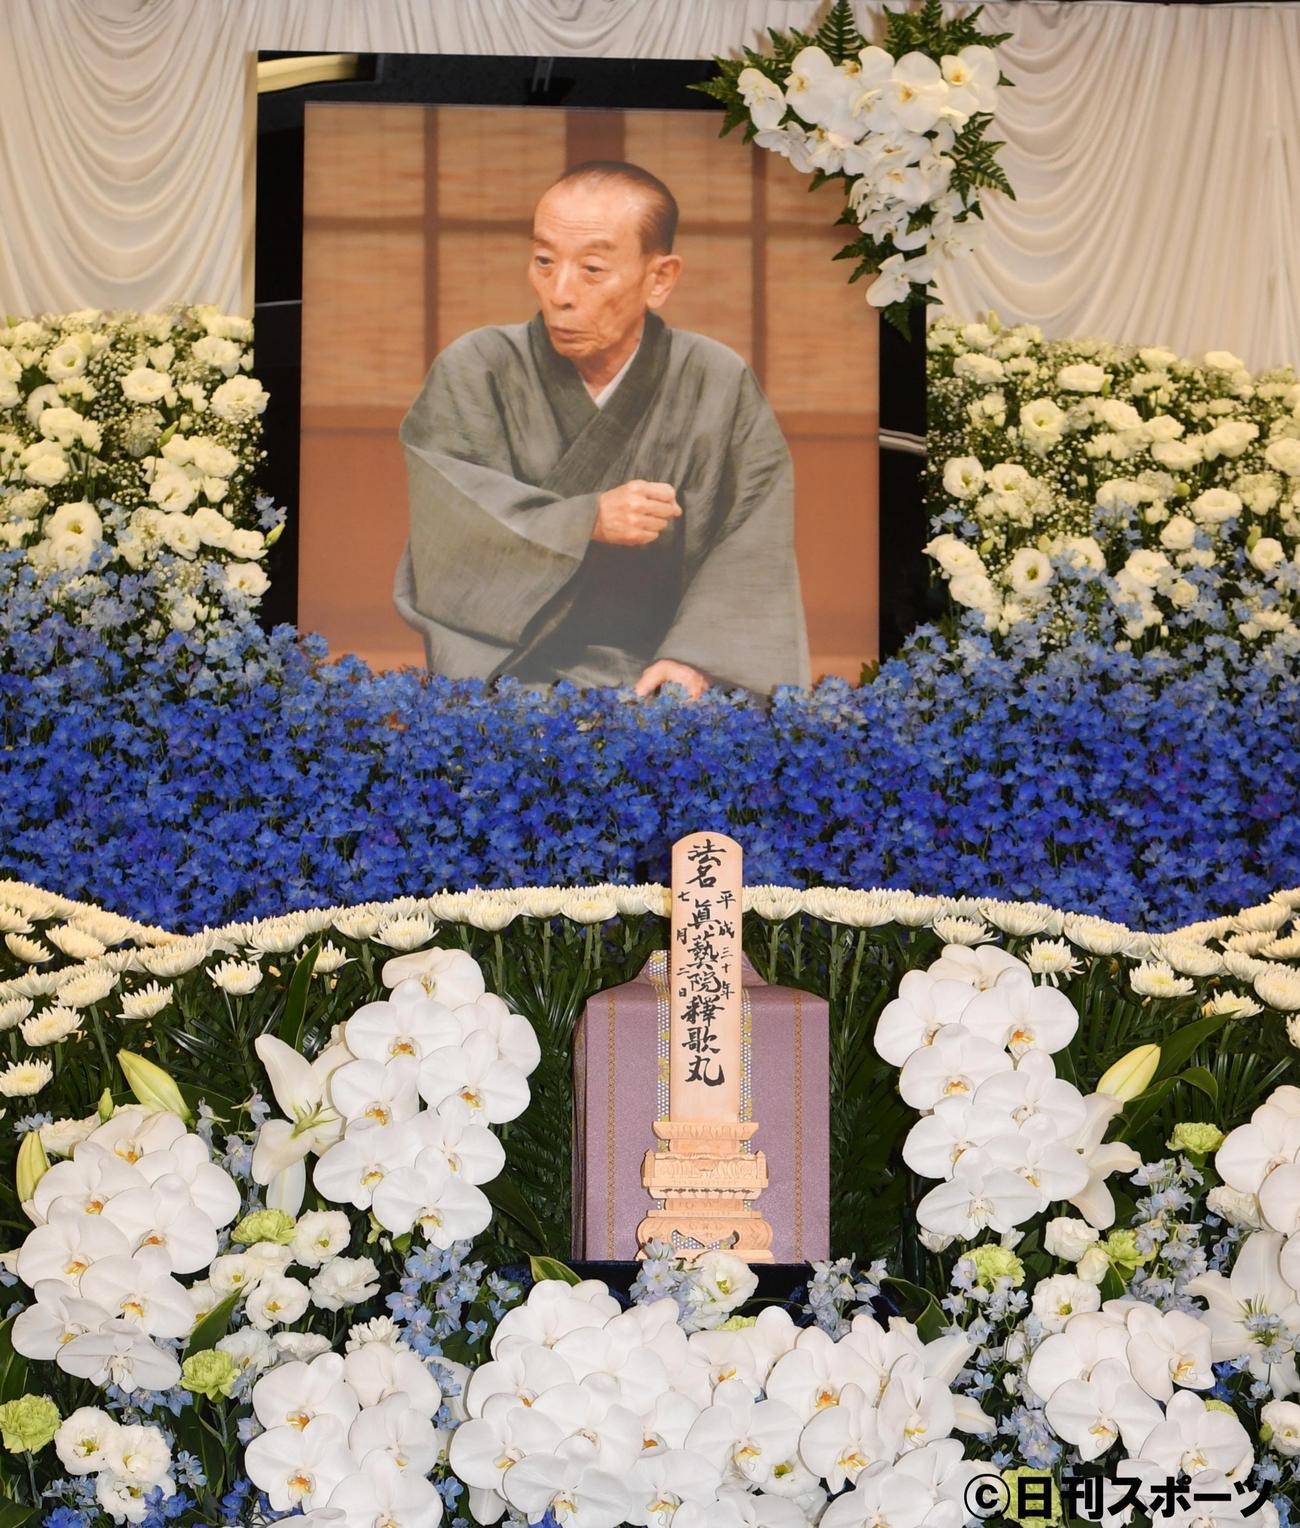 歌丸さんの愛した横浜で2500人が最後の別れ - おくやみ : 日刊スポーツ